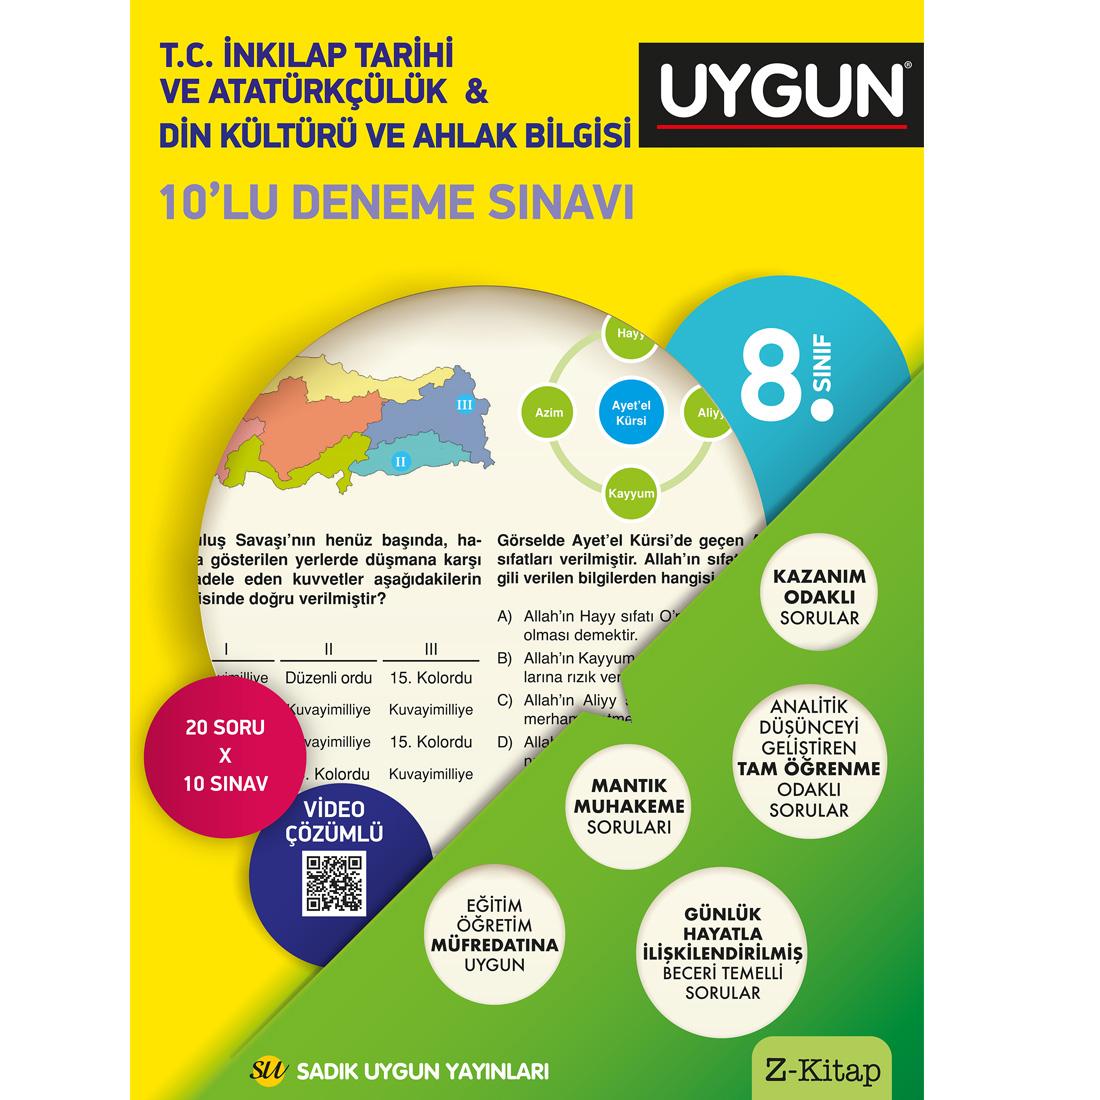 8.Sınıf 8 Deneme Kitabı 10'Lu İnkılap Tarihi Ve Atatürkçülük - Din Kültürü Ve Ahlak Sadık Uygun Yayınları